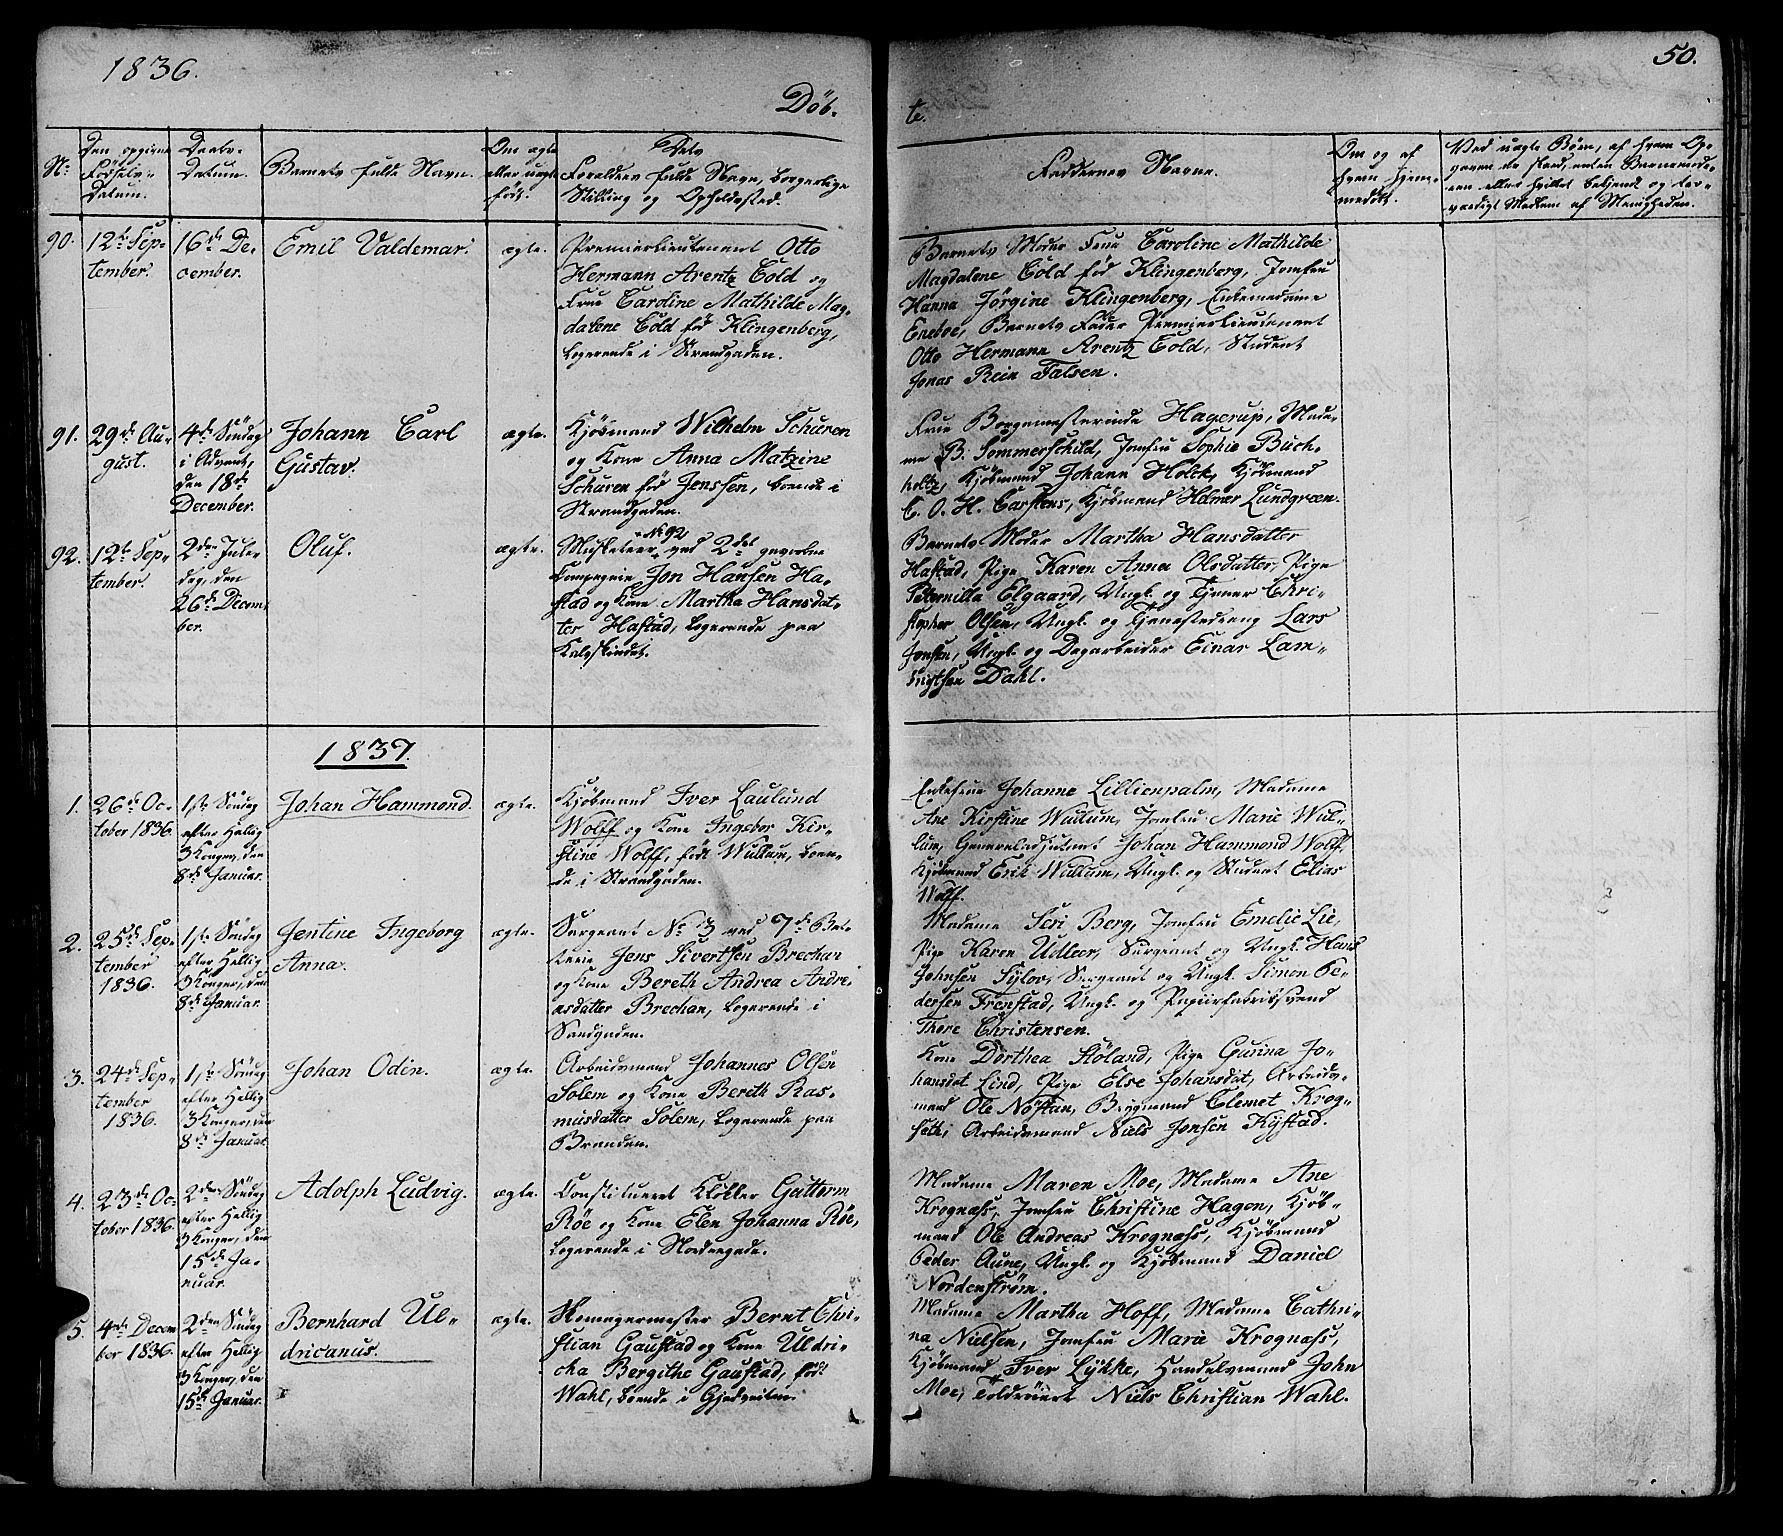 SAT, Ministerialprotokoller, klokkerbøker og fødselsregistre - Sør-Trøndelag, 602/L0136: Klokkerbok nr. 602C04, 1833-1845, s. 50